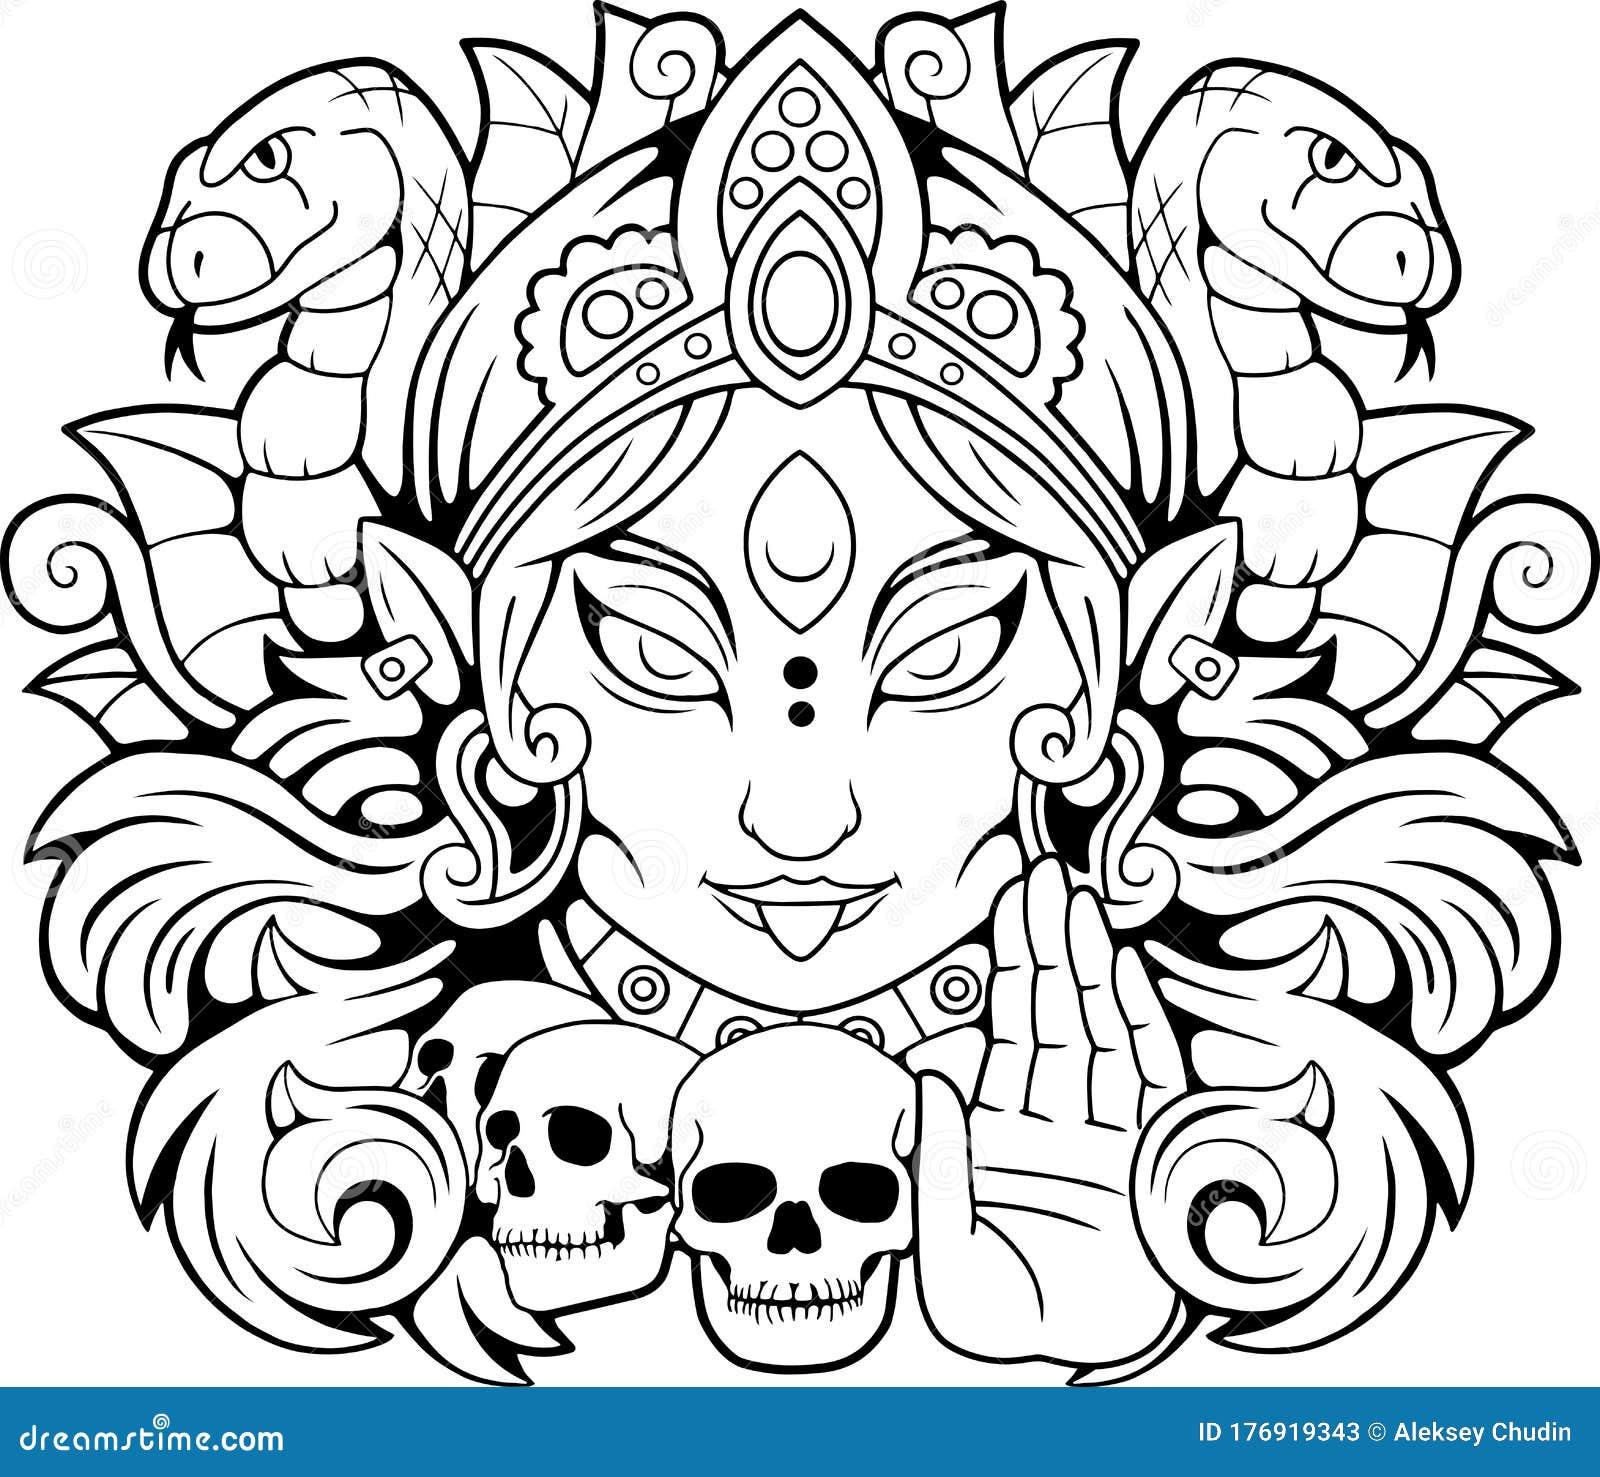 Goddess Kali Stock Illustrations 388 Goddess Kali Stock Illustrations Vectors Clipart Dreamstime